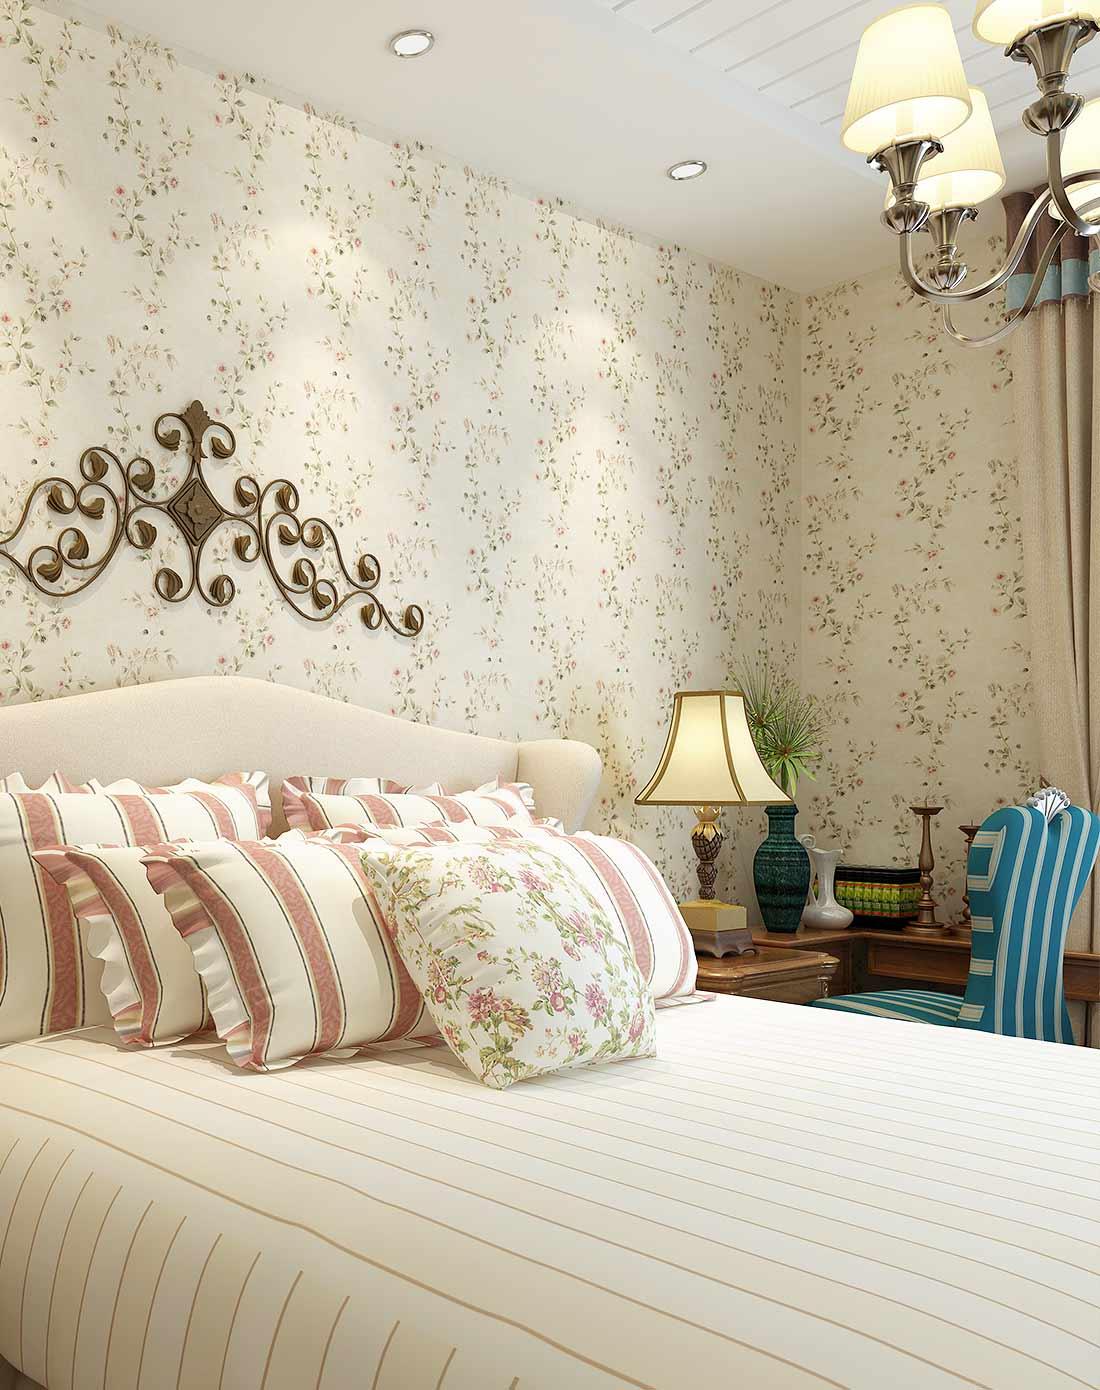 旗航美式壁纸 田园小碎花纯纸墙纸 卧室壁纸